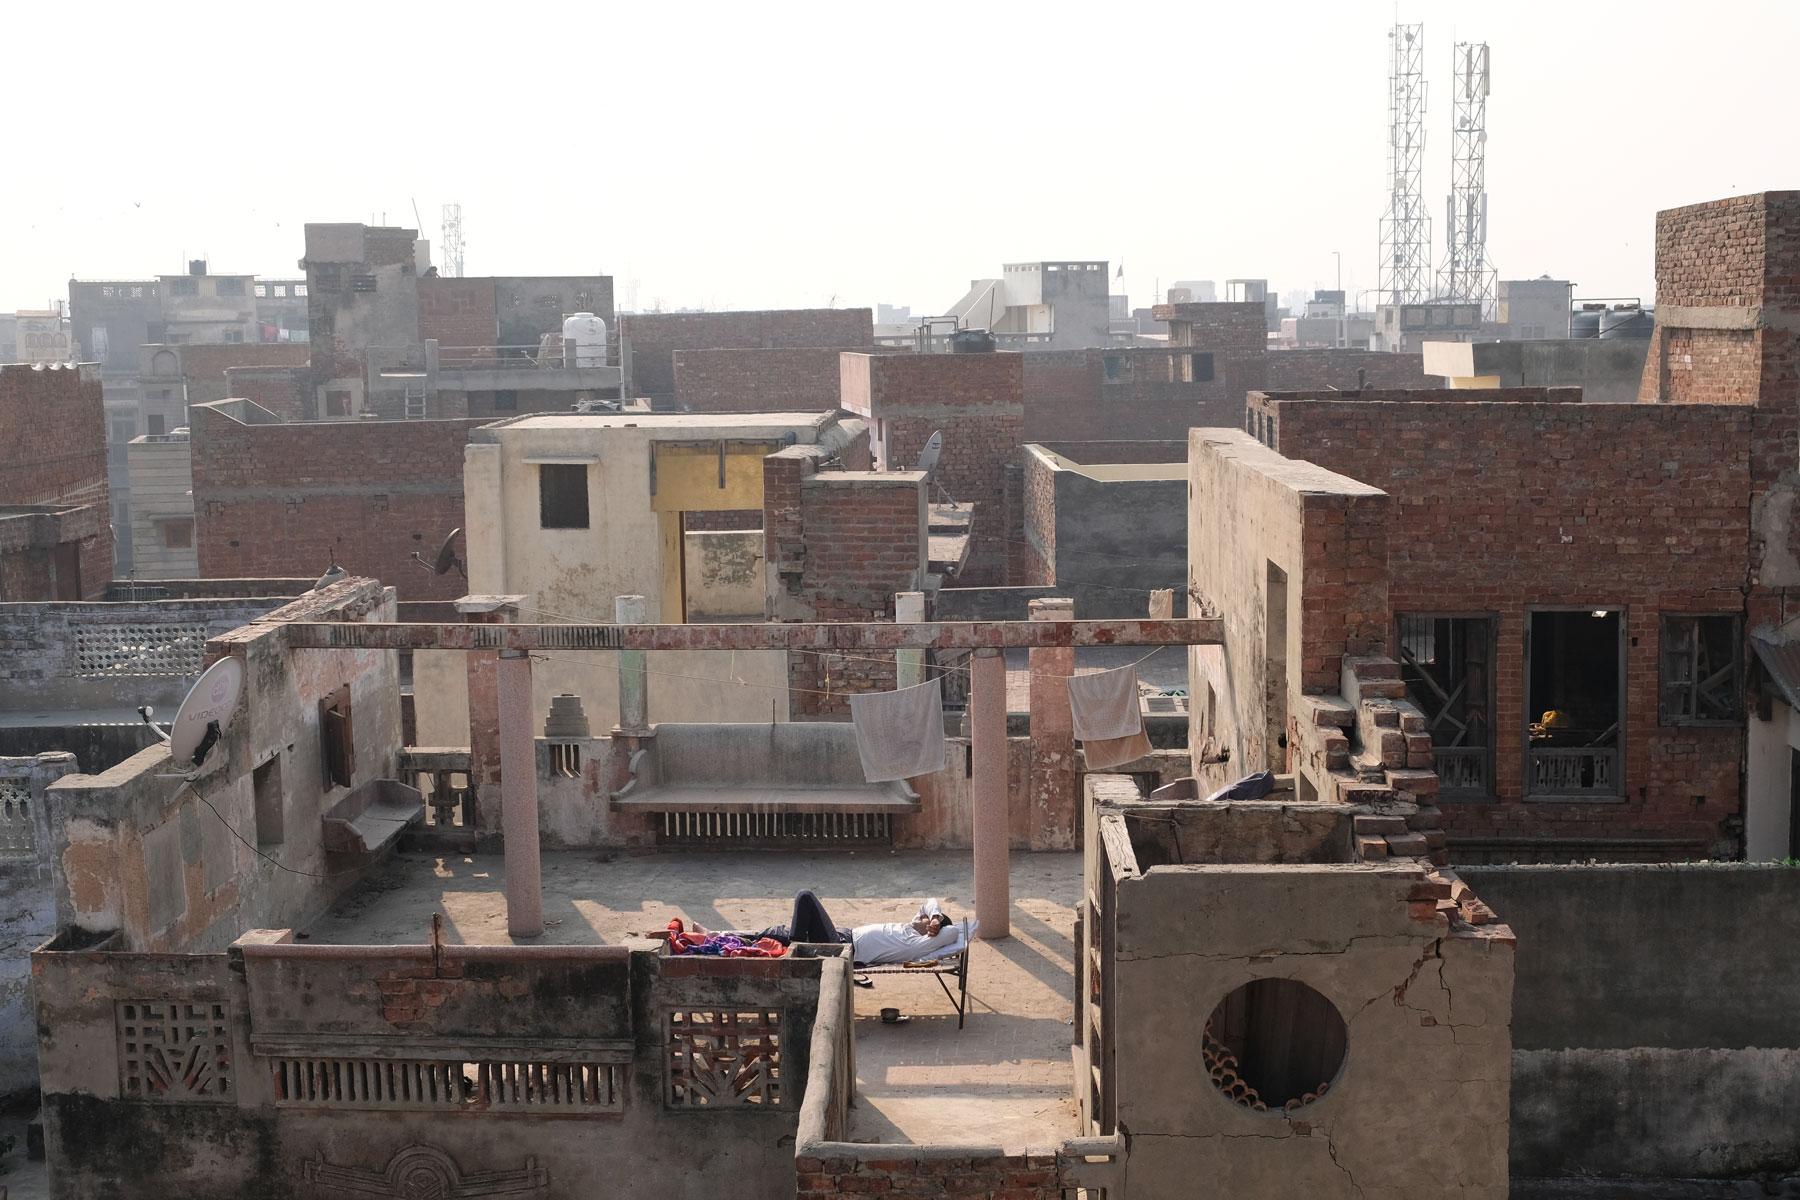 Wir lieben die Ruhe auf unserer Dachterrasse und den Blick über das Häusermeer Amritsars. Wenn wir morgens hier hochkommen, ist unser Nachbar schon lange da und genießt die Morgensonne.